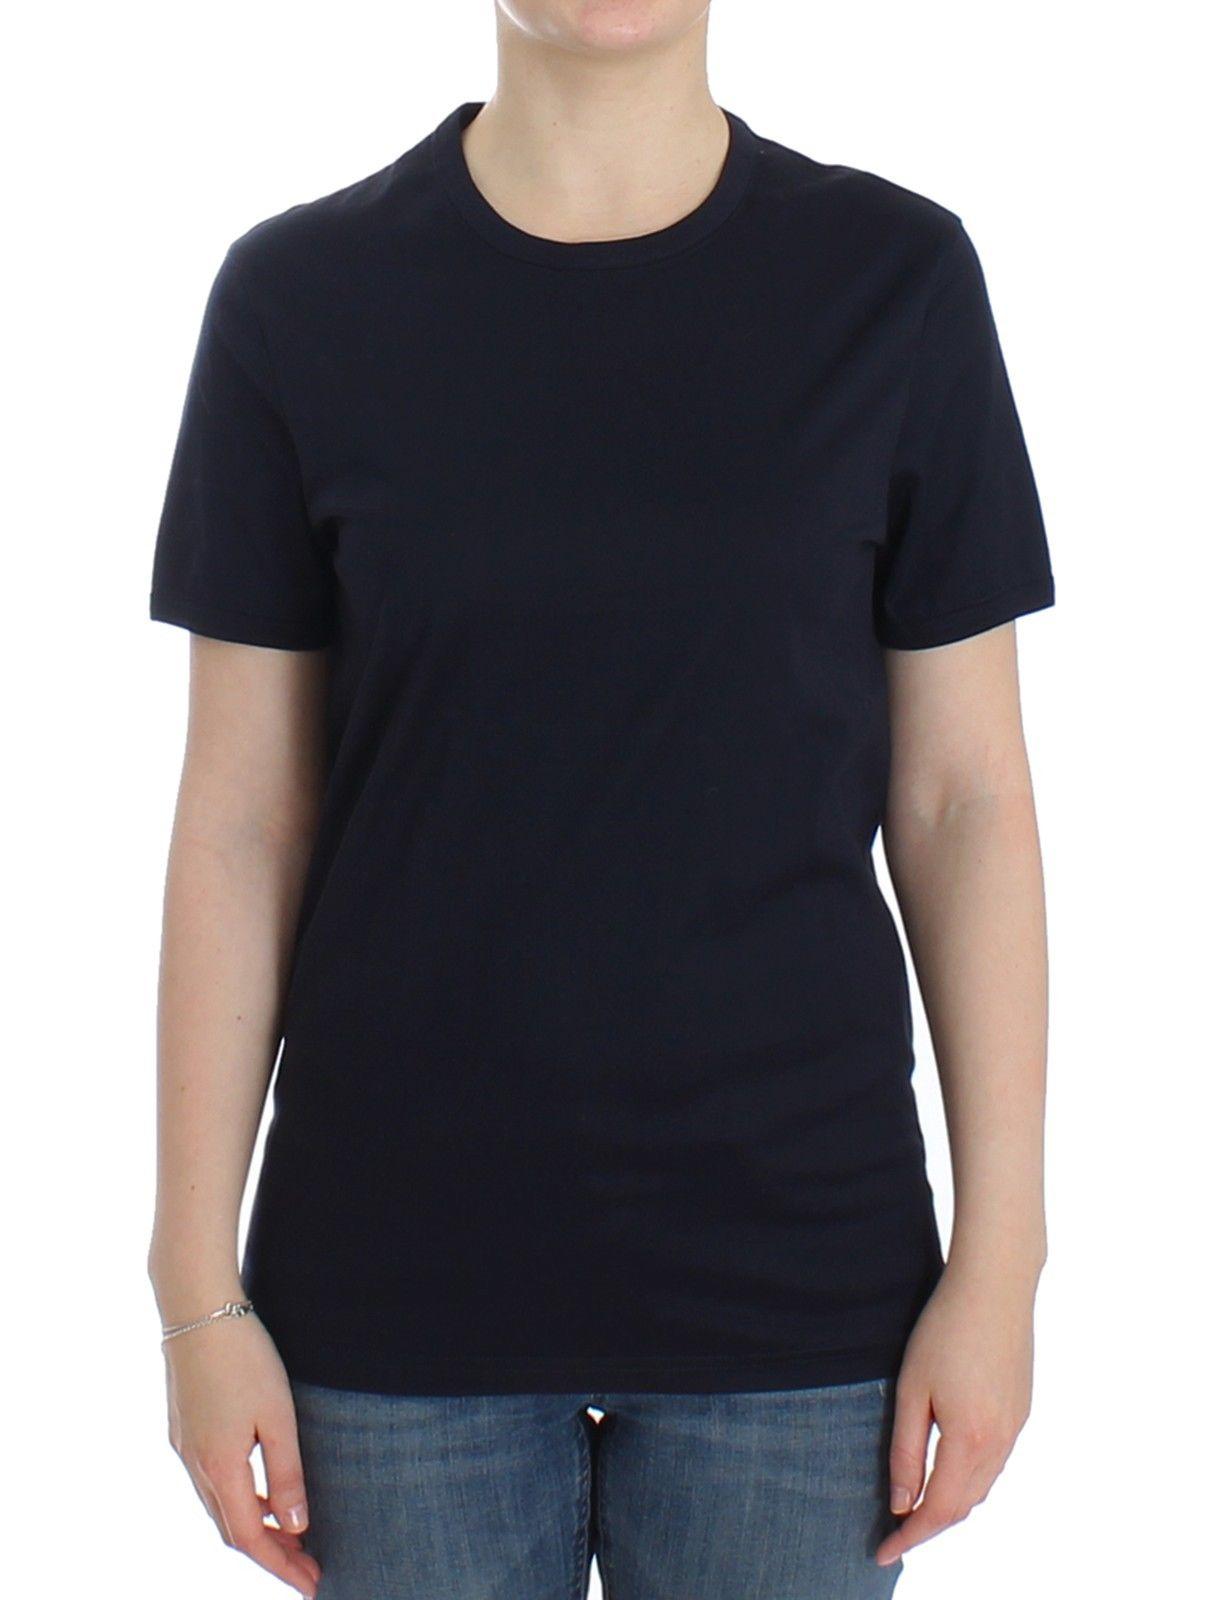 Ermanno Scervino Women's Crew Neck Cotton T-Shirt SIG12588 - IT4   M